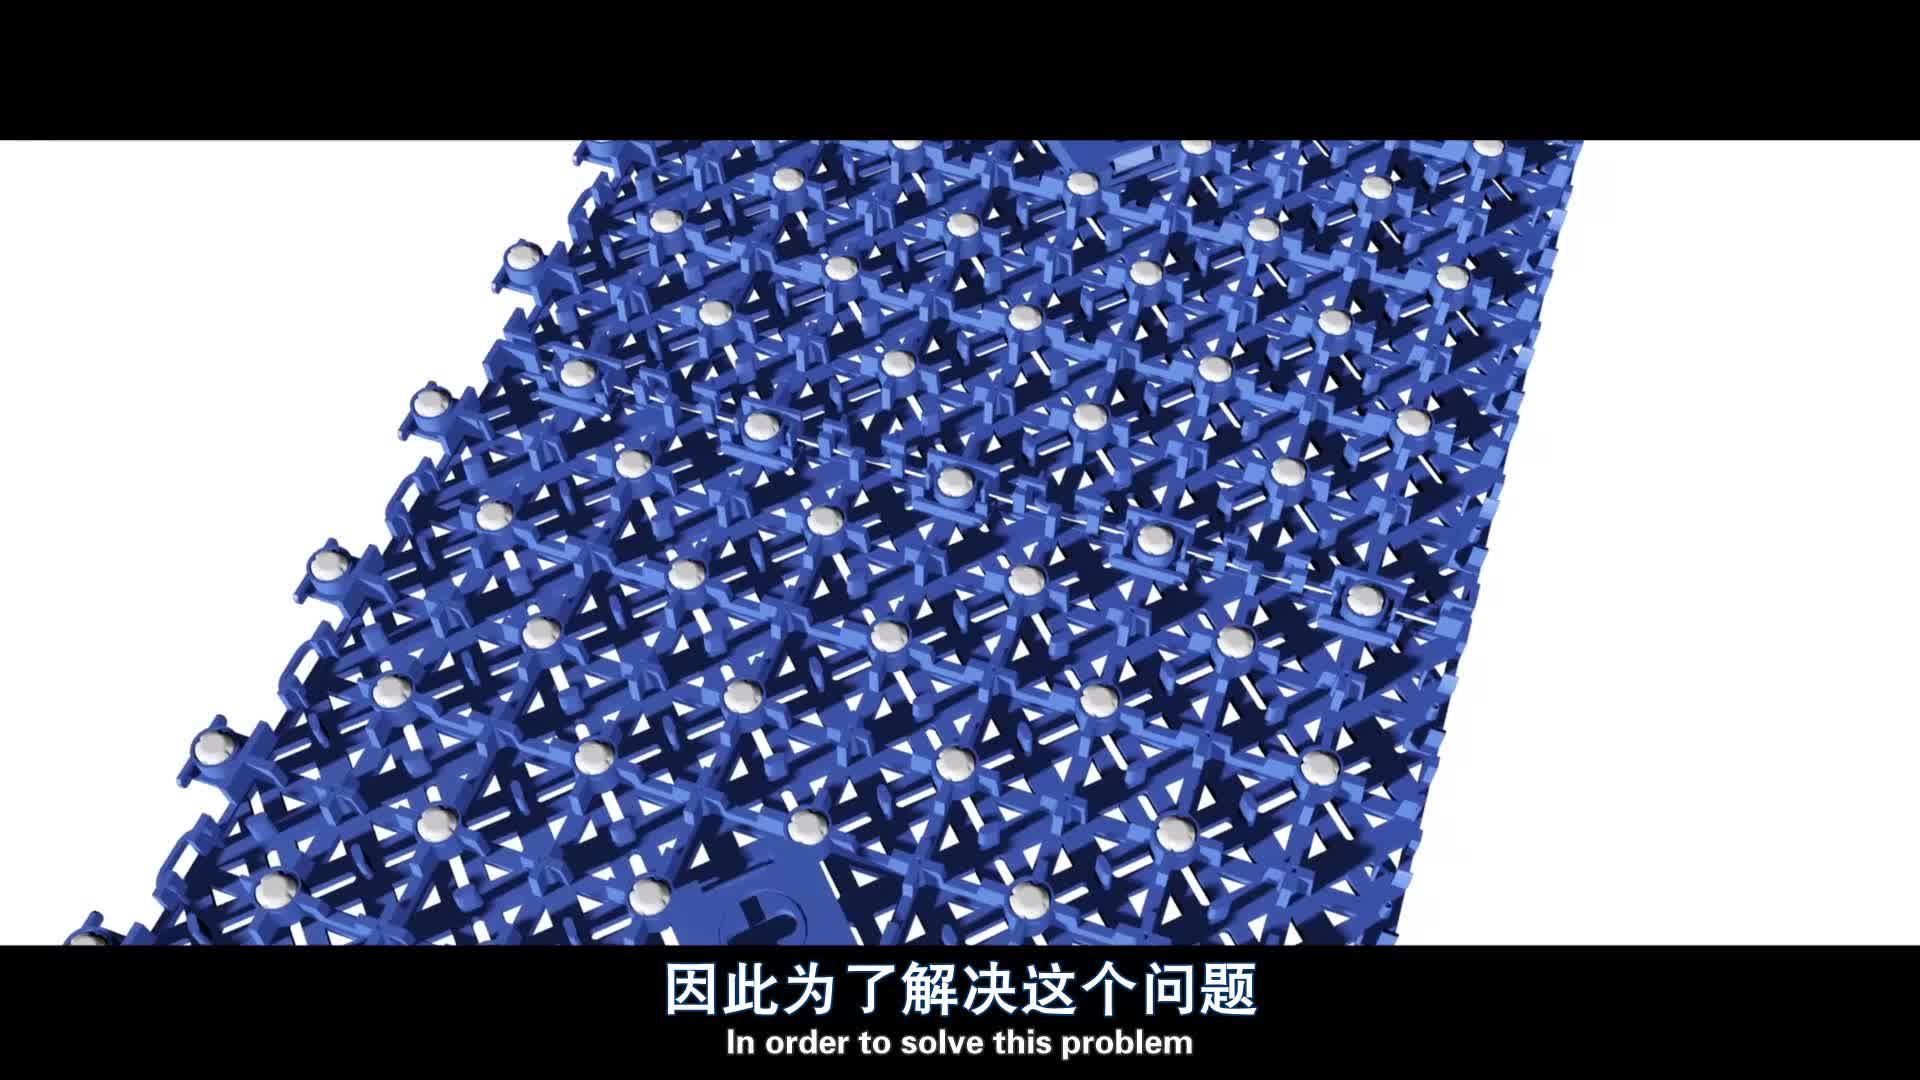 Бесплатный образец Стандартный бадминтон суд напольные Спорт на открытом воздухе Пол Баскетбол пластиковые коврики